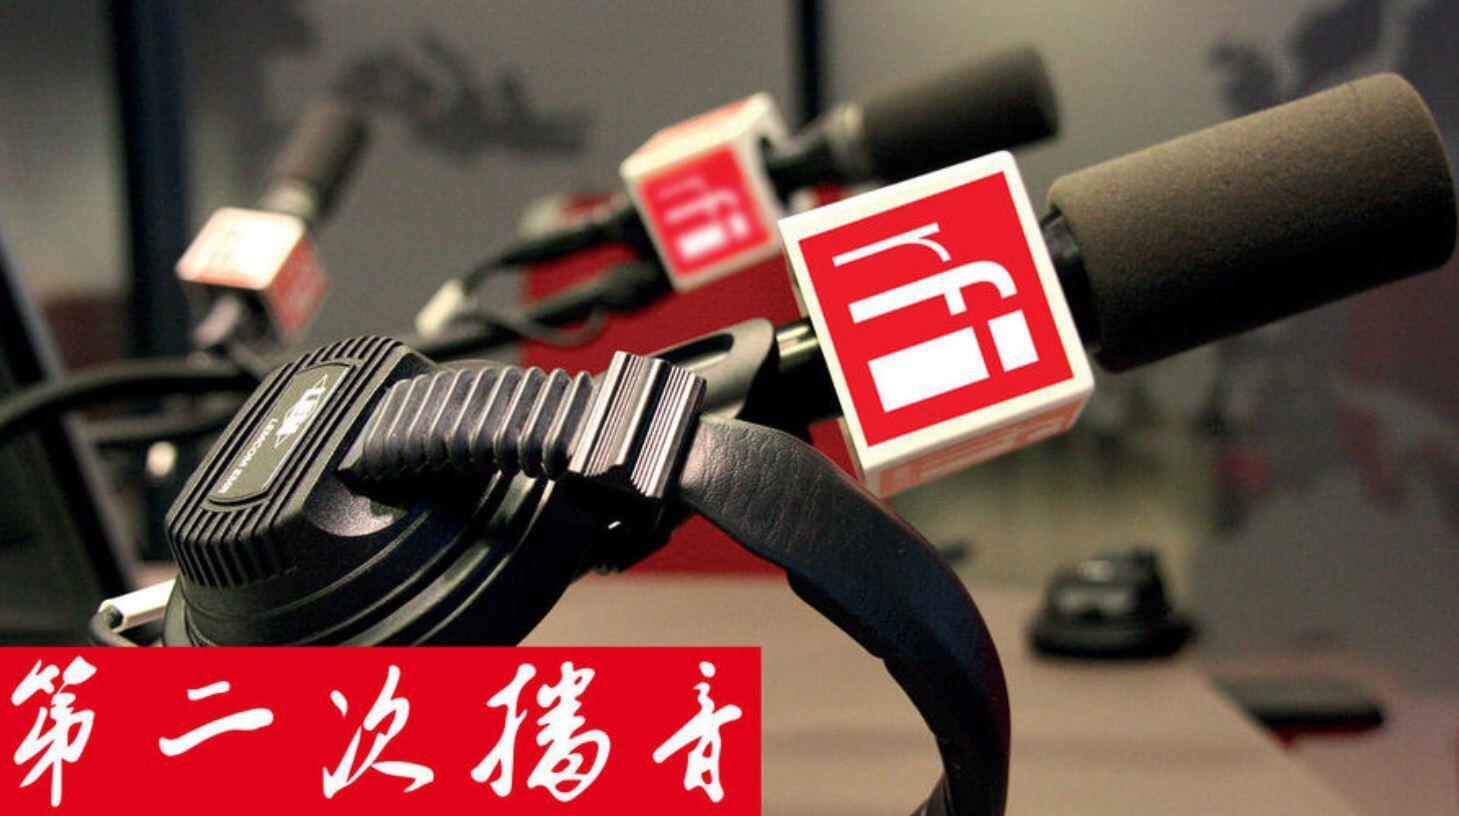 第二次播音 北京時間 19:00-20:00